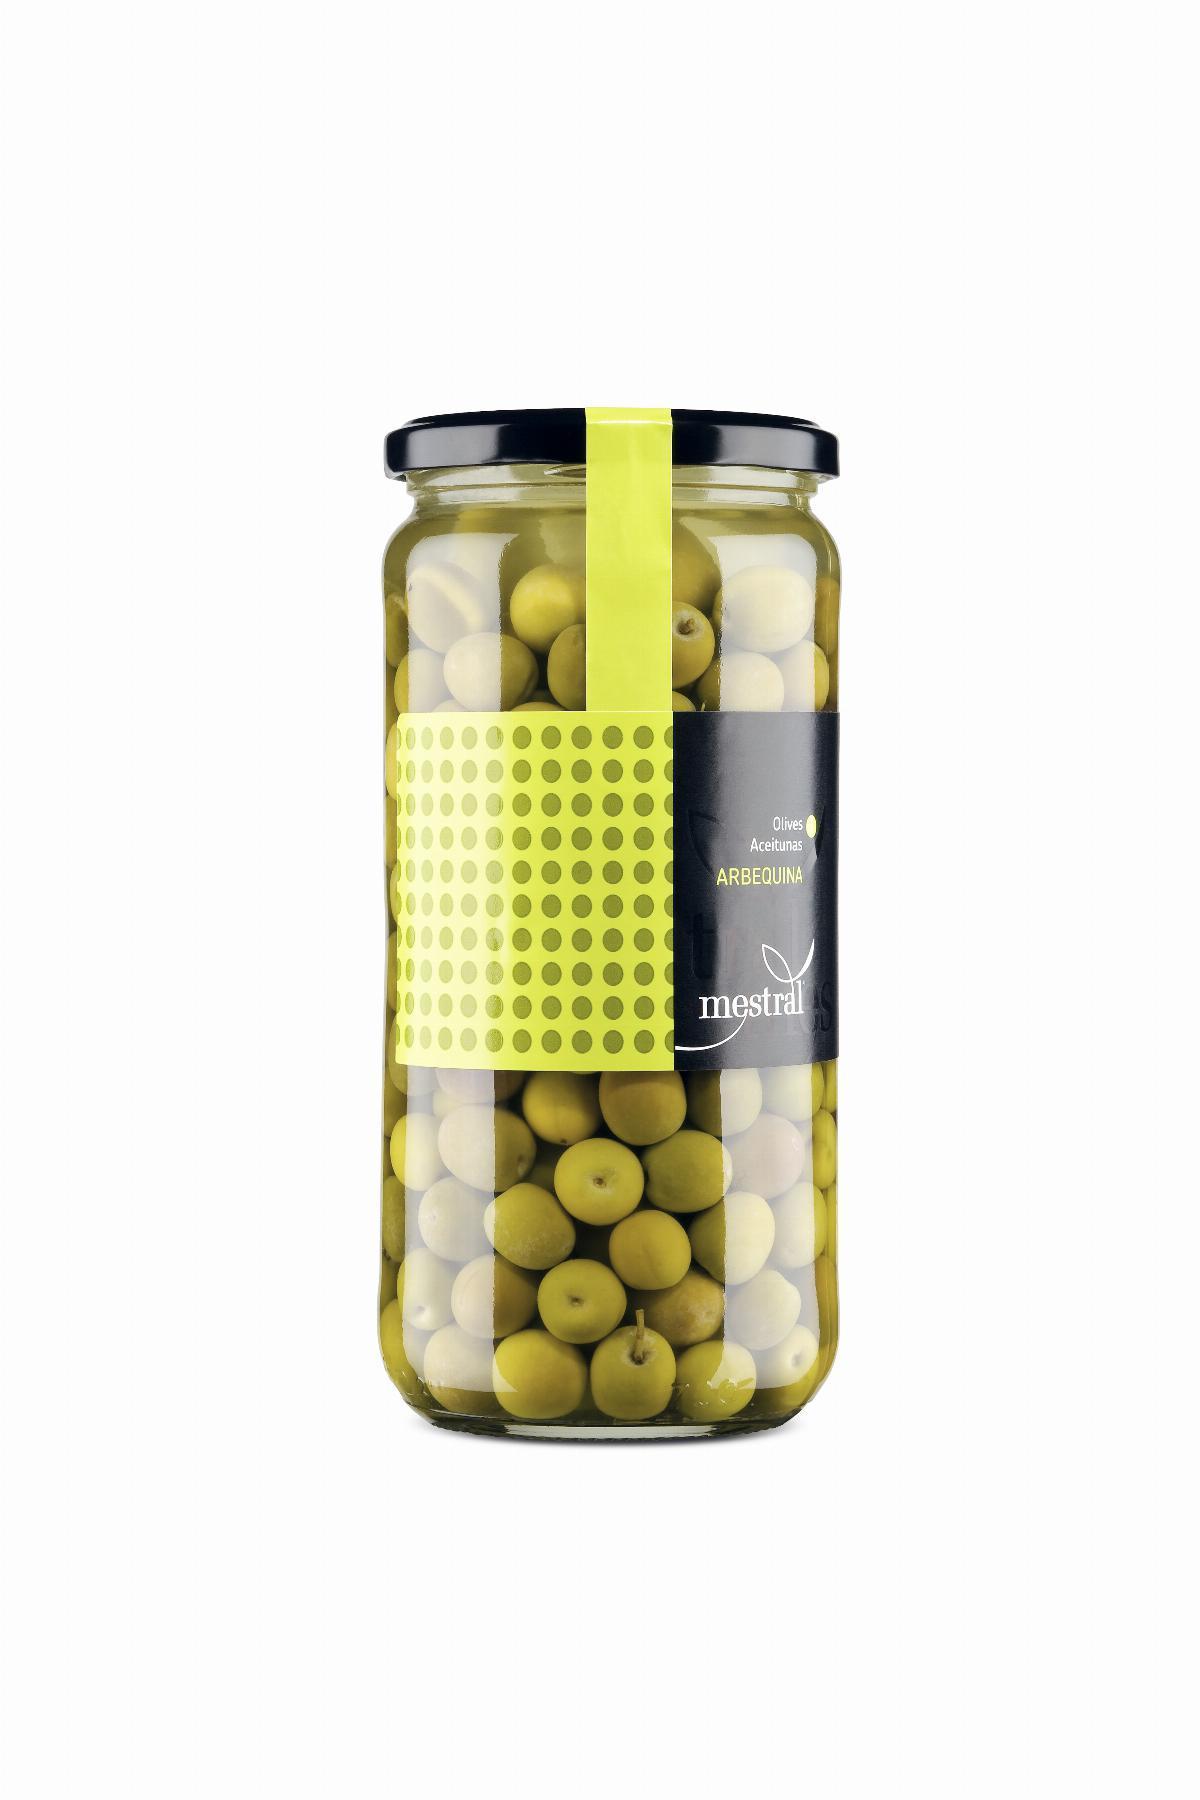 Olives - Olives Arbequines Mestral pot vidre 440 g - Mestral Cambrils